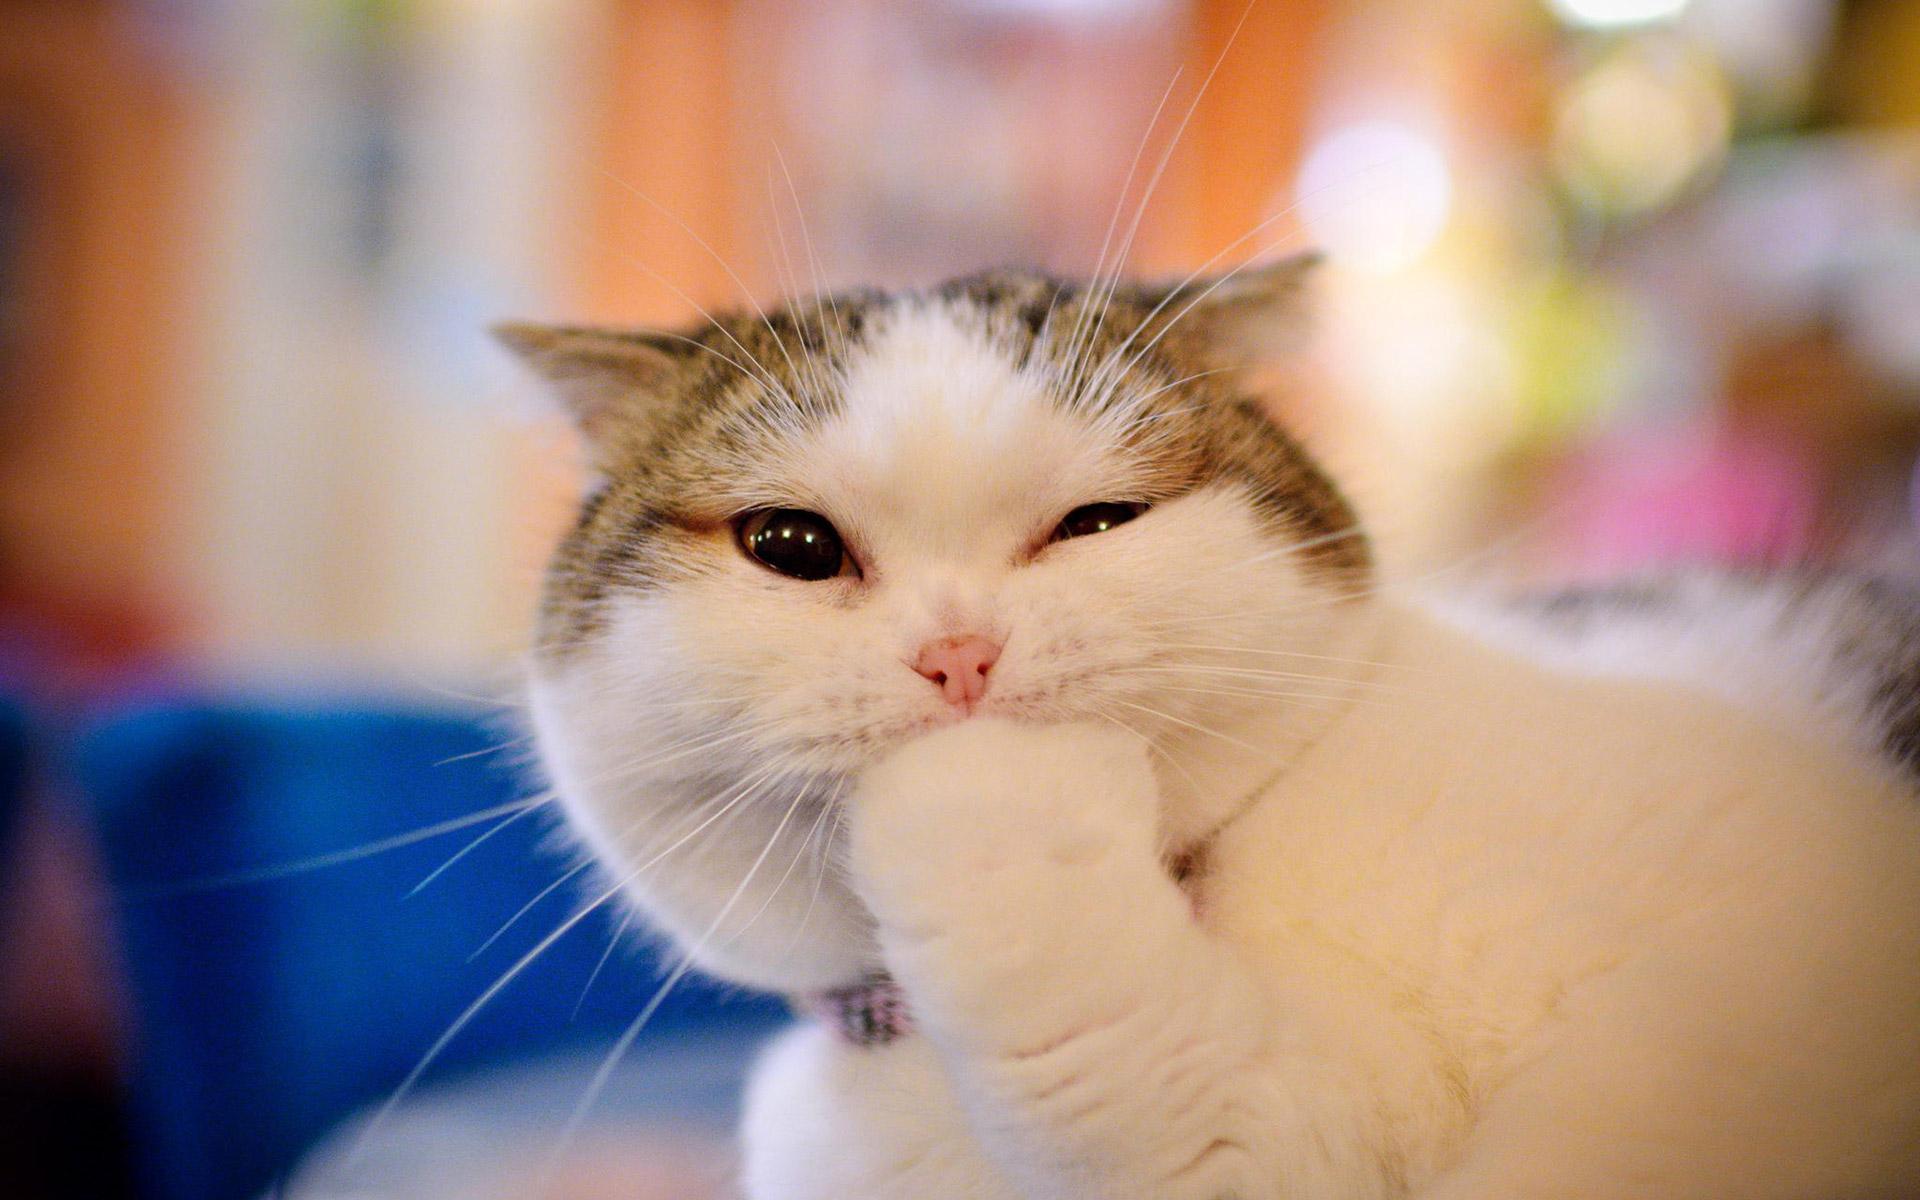 สาระน่ารู้ เกี่ยวกับการดูแลสุขภาพน้องแมวที่คุณอาจจะยังไม่รู้